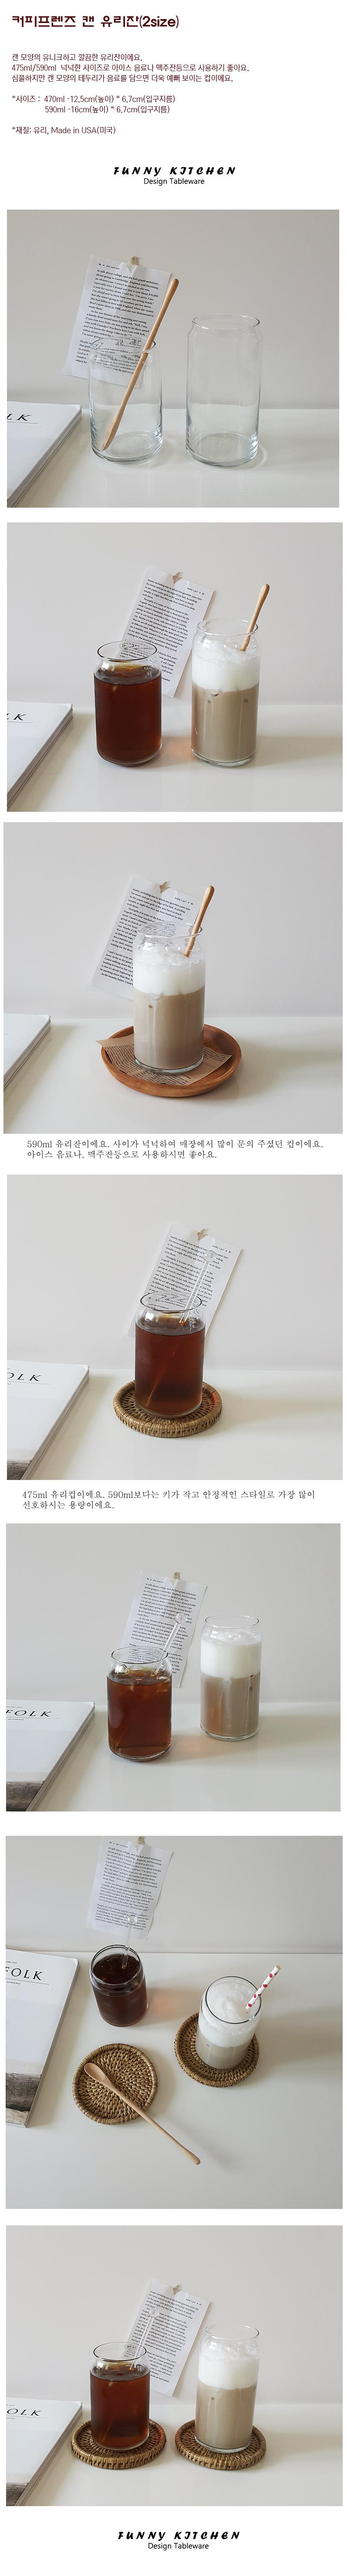 캔 유리컵(475ml 590ml) 맥주잔 카페유리컵 - 퍼니키친, 6,500원, 유리컵/술잔, 유리컵